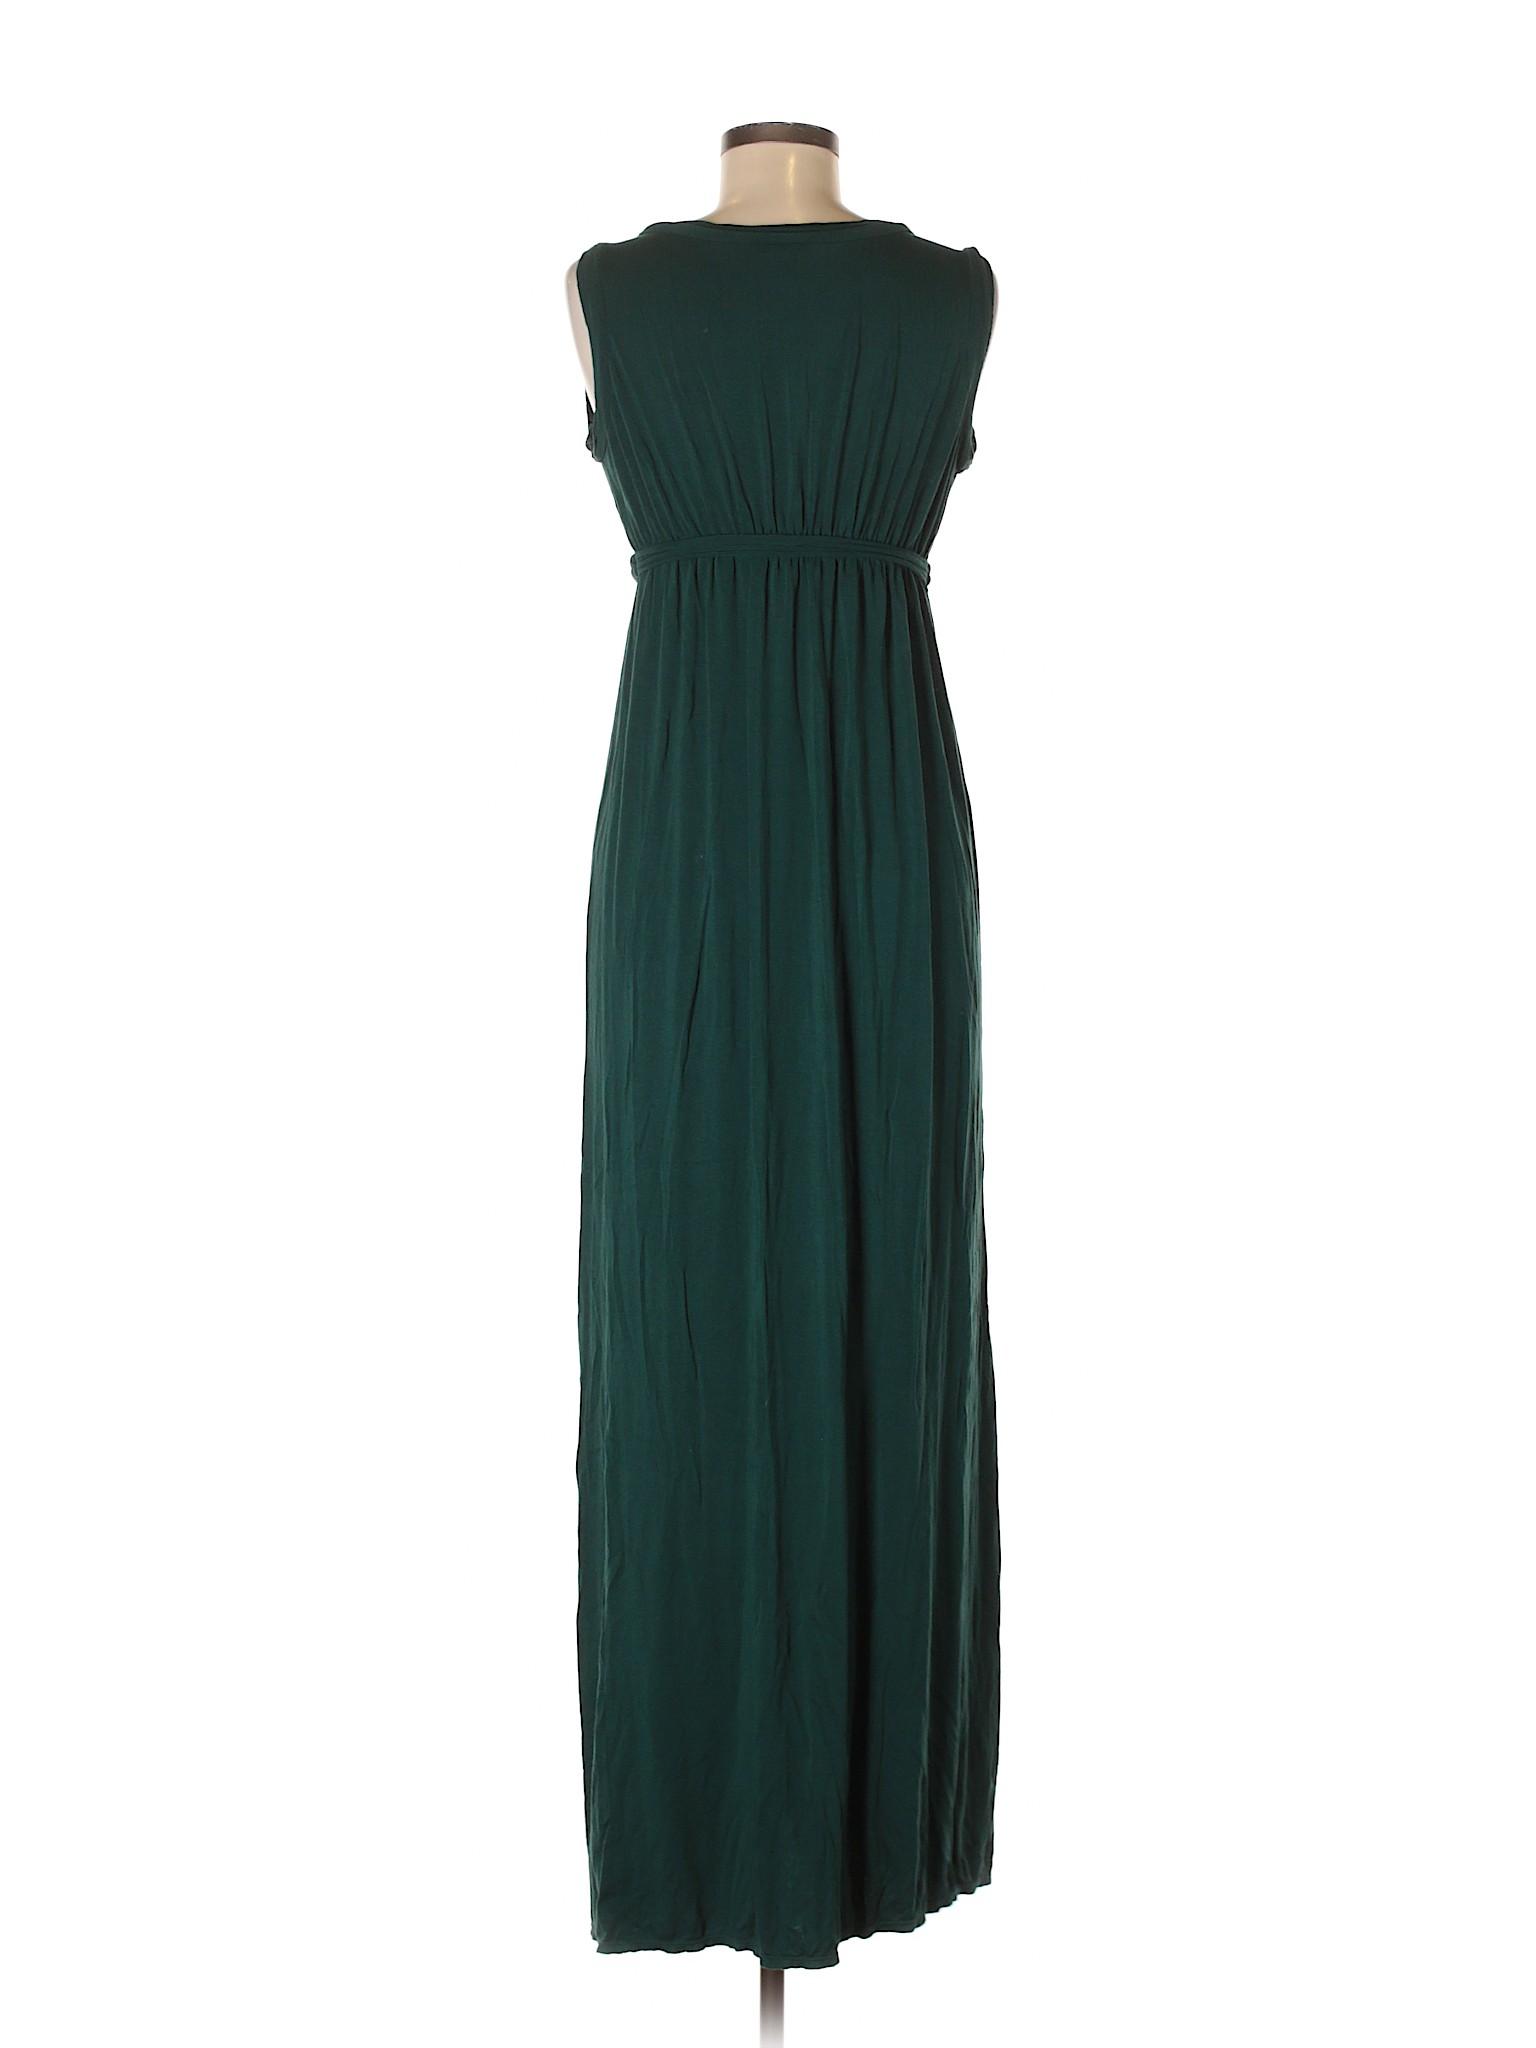 Dress Casual Studio Max winter Boutique R78HA7